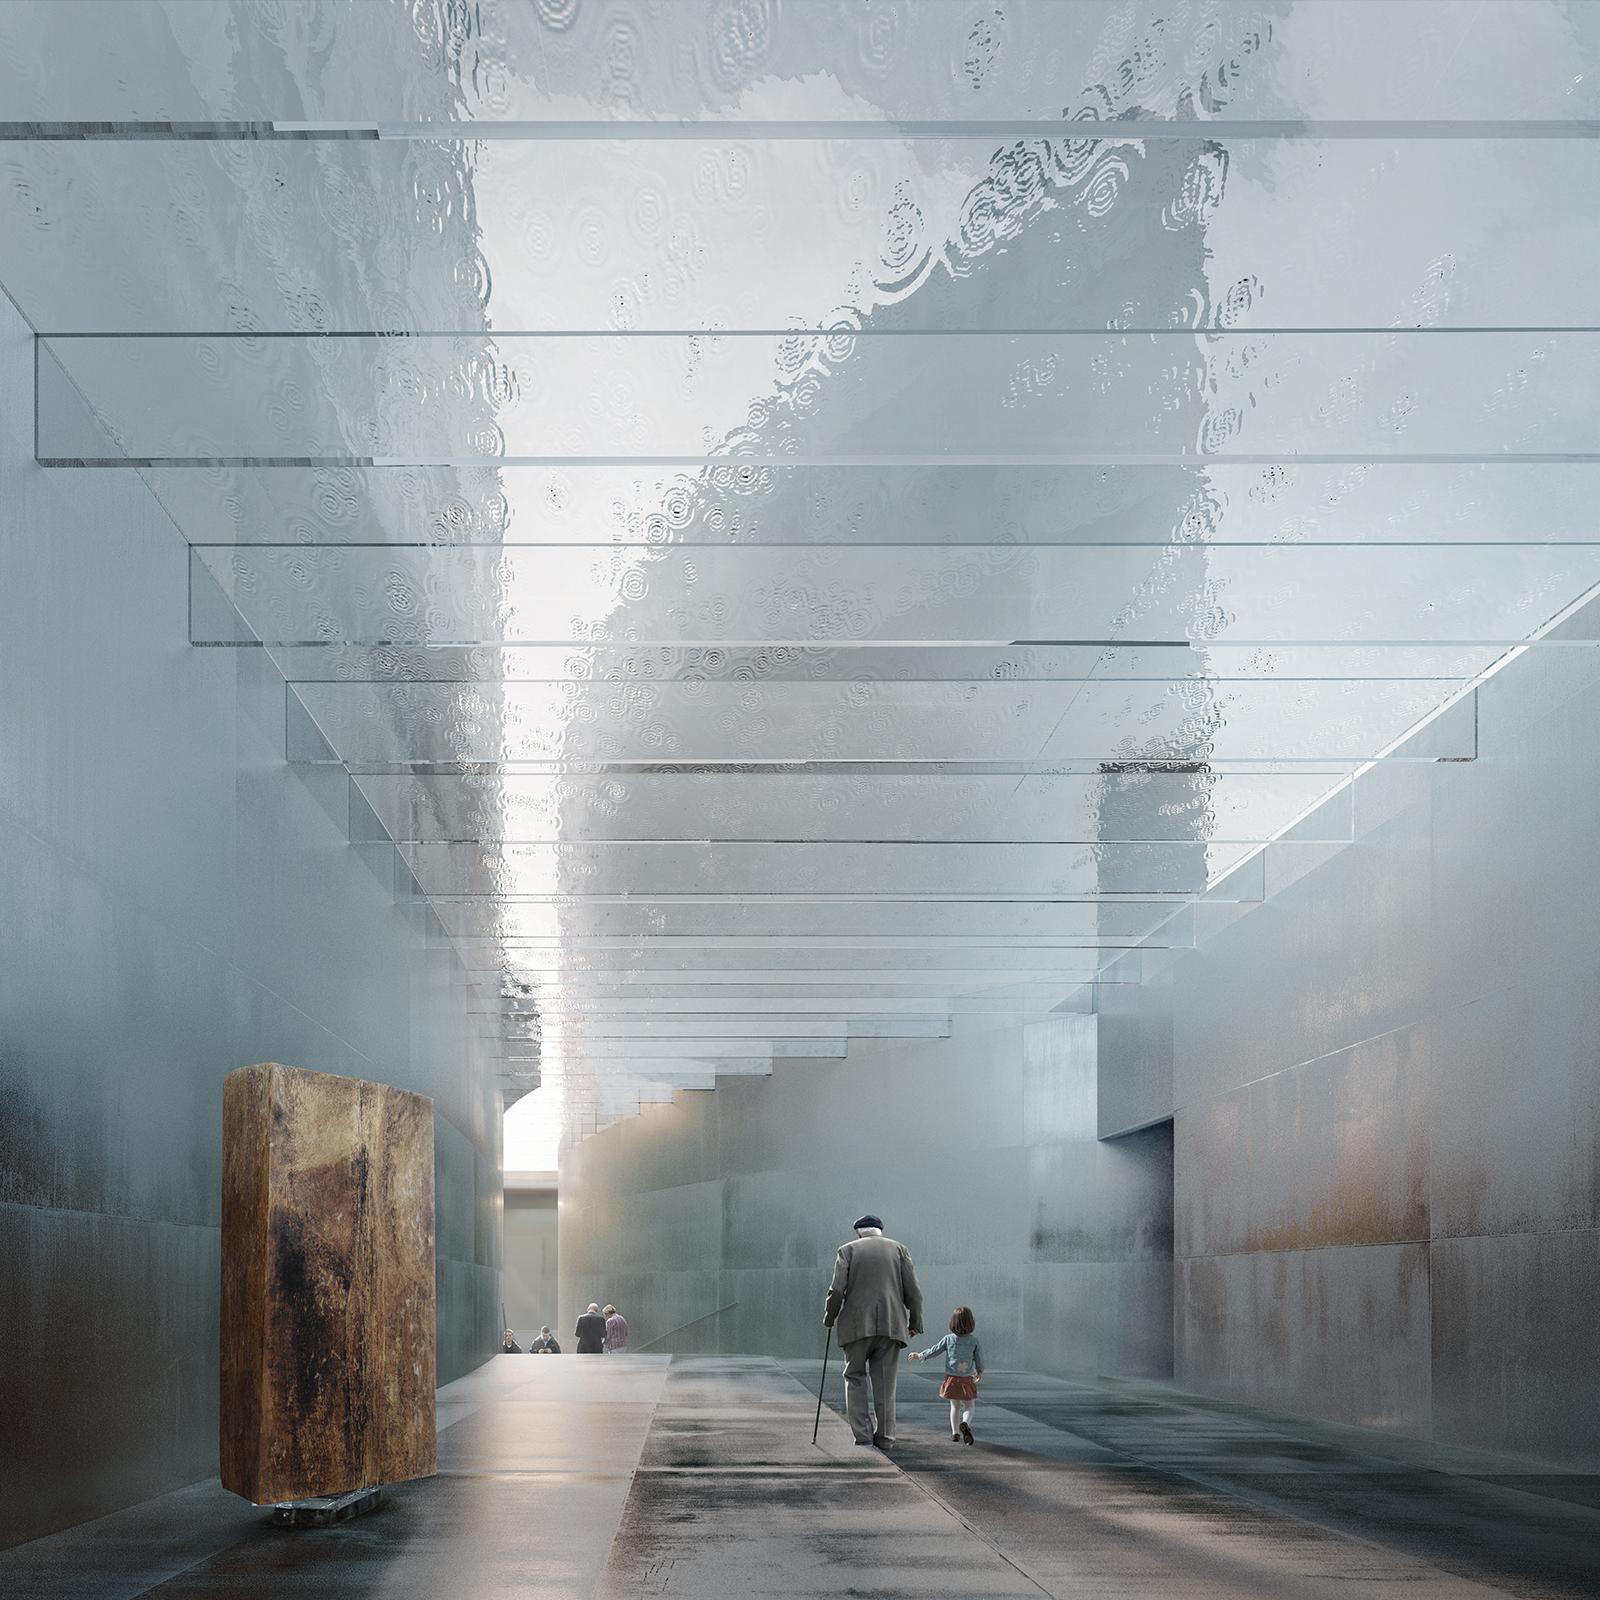 © Lahdelma & Mahlamäki Architects and David Morley Architects & Malcolm Reading Consultants